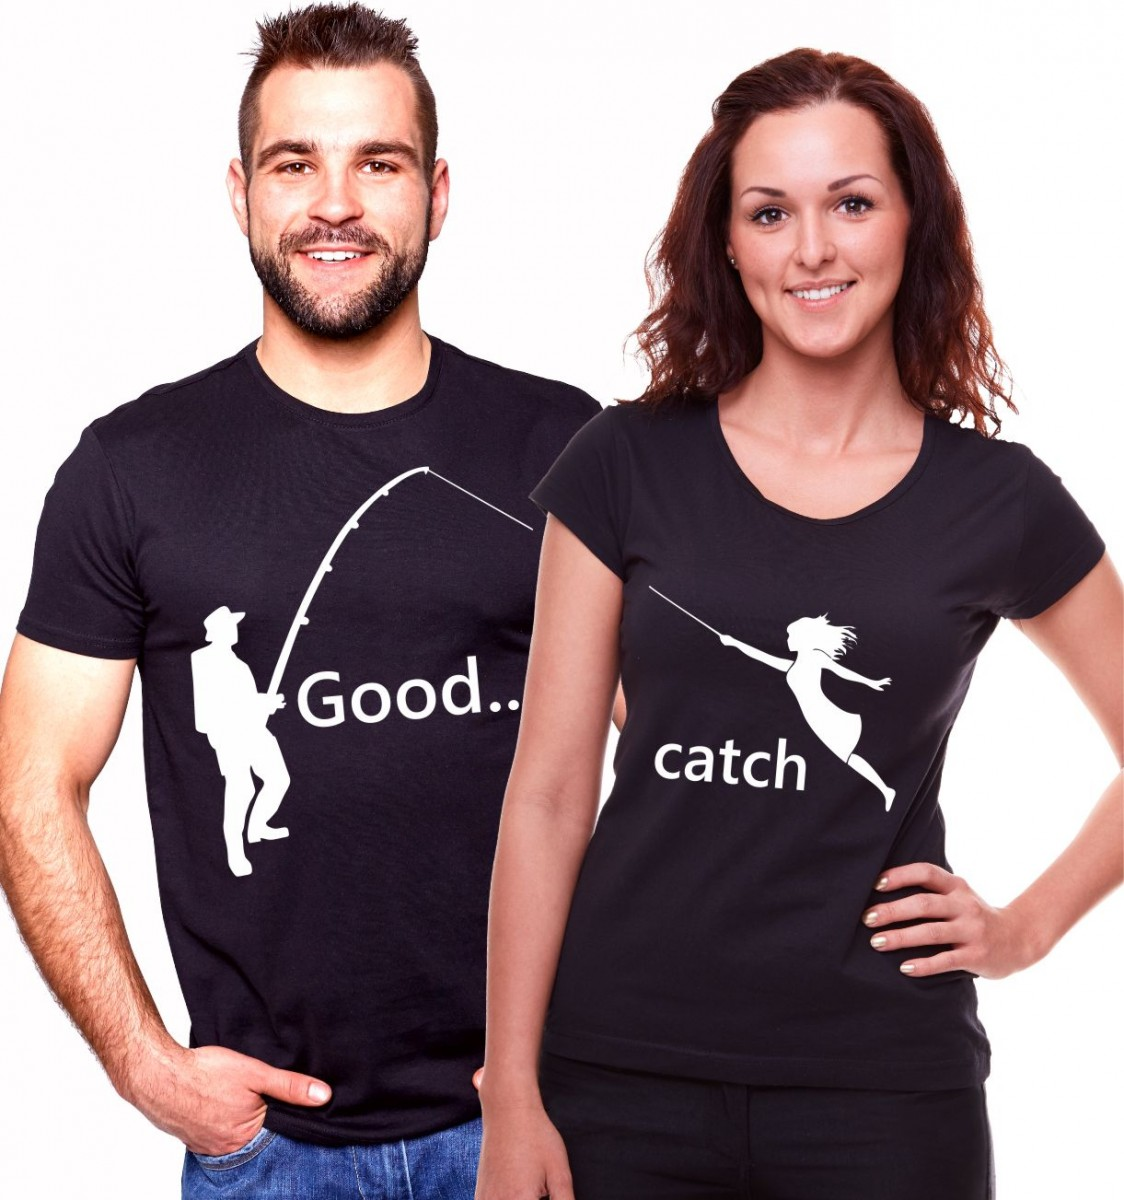 3fd00a2d08c4 Partnerská trička - dobrý úlovek - originální svatební dar ǀ ...